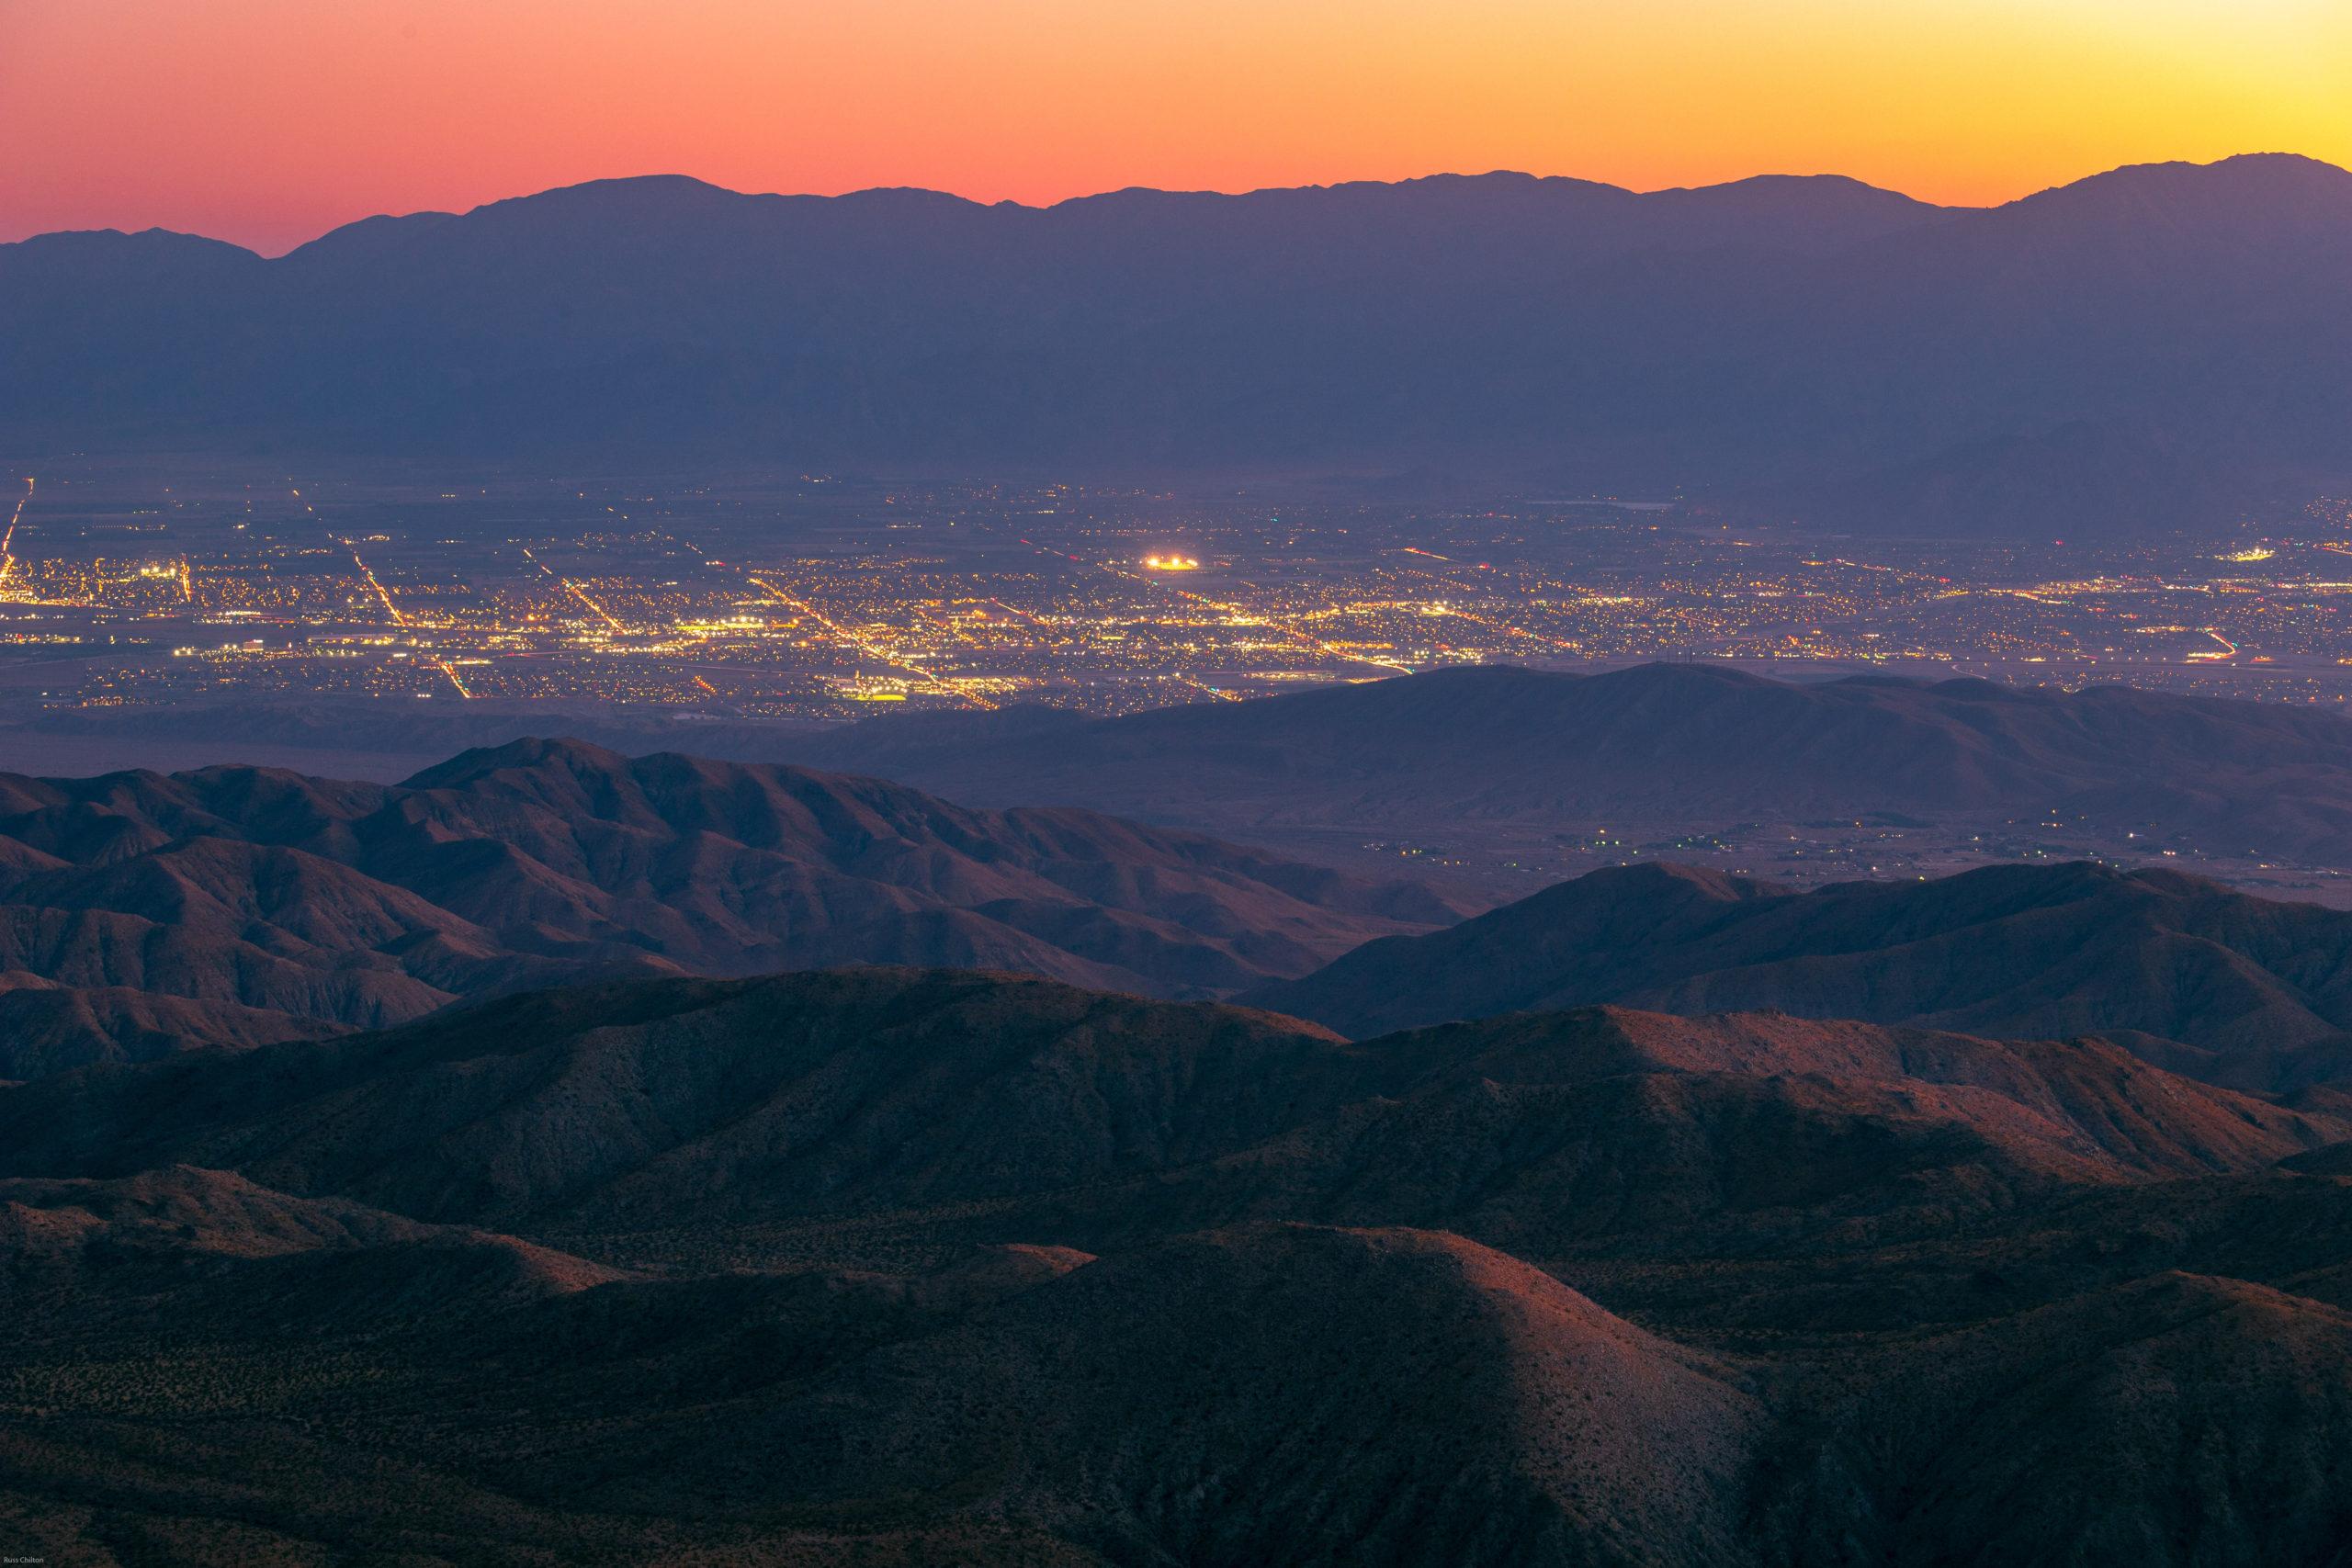 Indio, California. Desert dusk